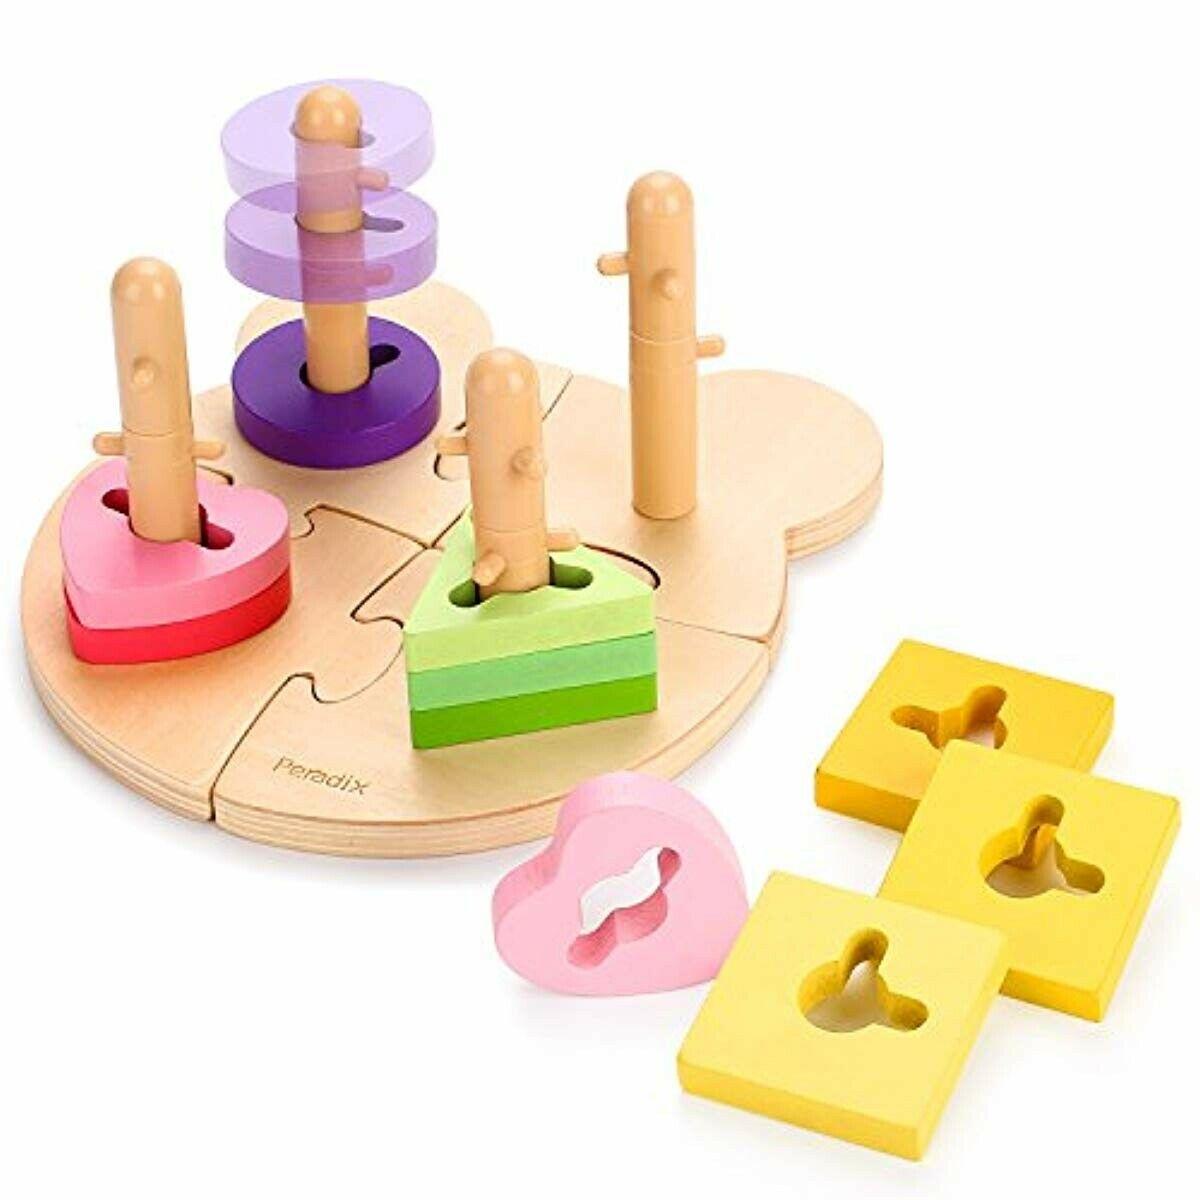 Peradix Puzzle En Bois Montessori Jeu De Puzzle Forme serapportantà Jeu De Forme Géométrique